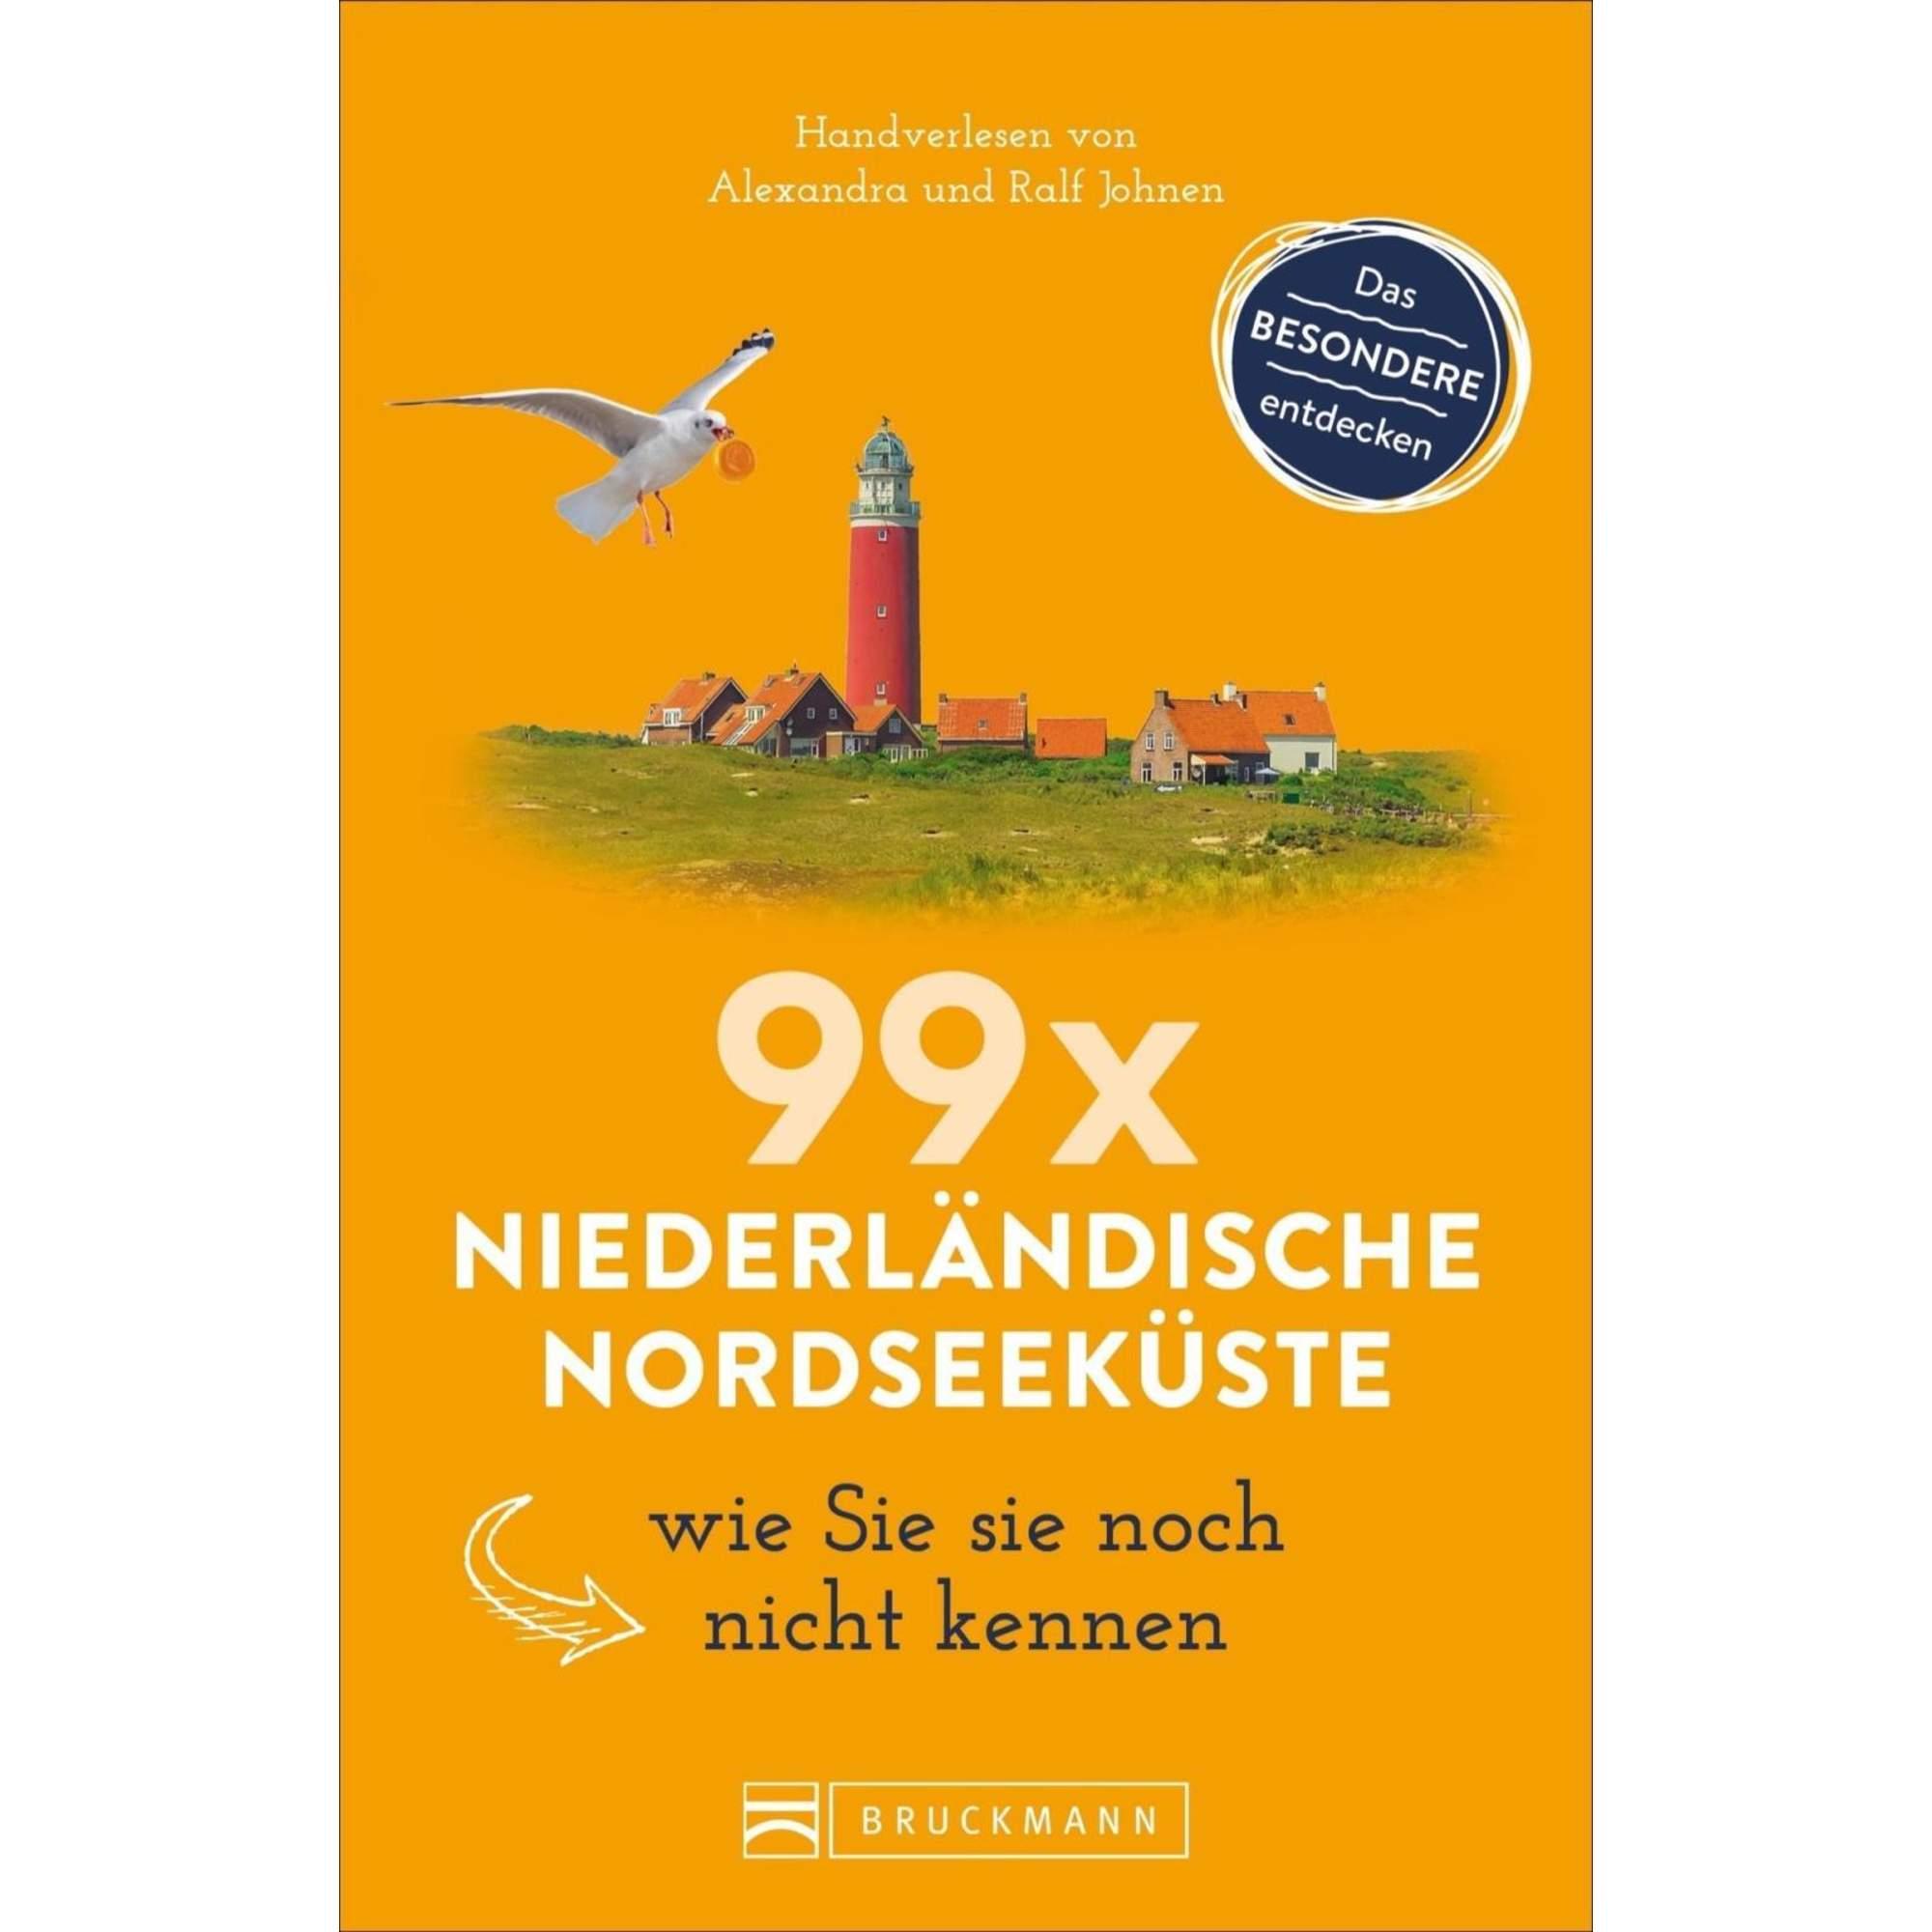 99 x Niederländische Nordseeküste wie Sie sie noch nicht kennen, 14,99 Euro